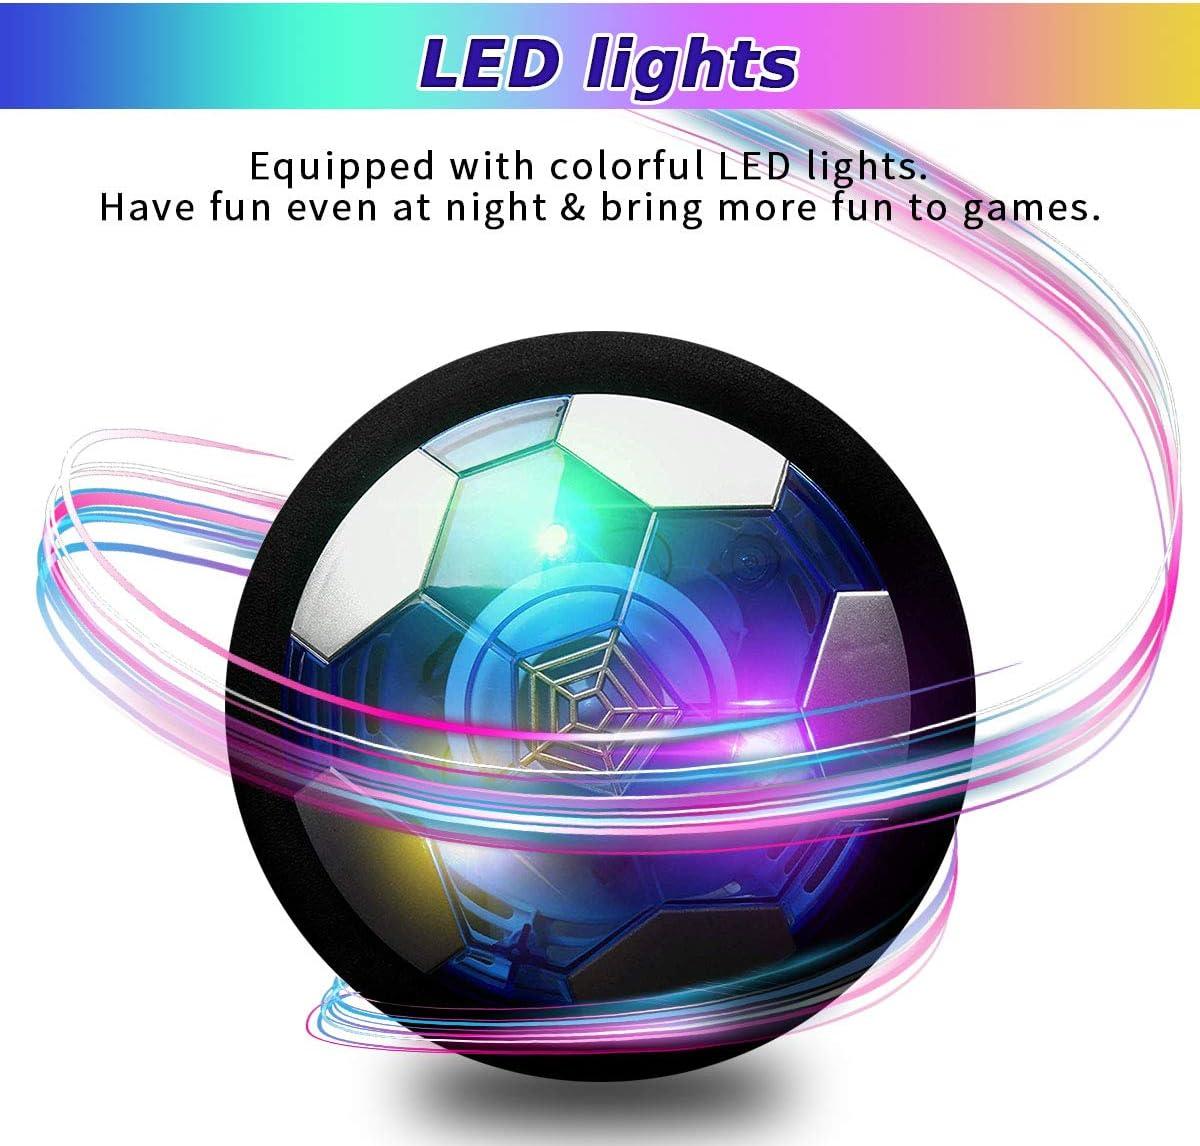 Disco de f/útbol el/éctrico con Luces LED YORKOO Hover bal/ón de f/útbol Recargable